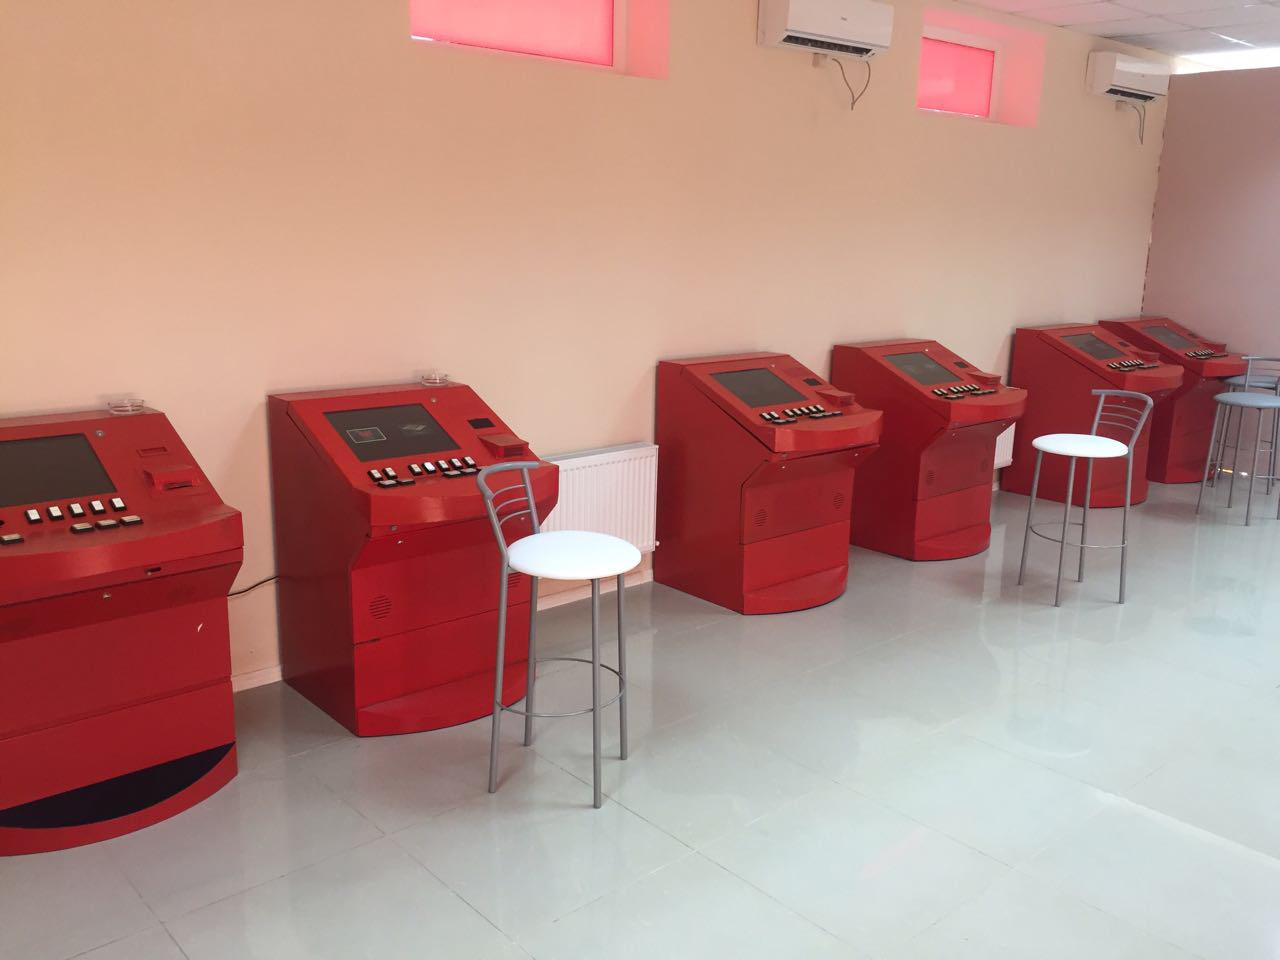 Игровые автоматы в усть-лабинске online casino real money roulette